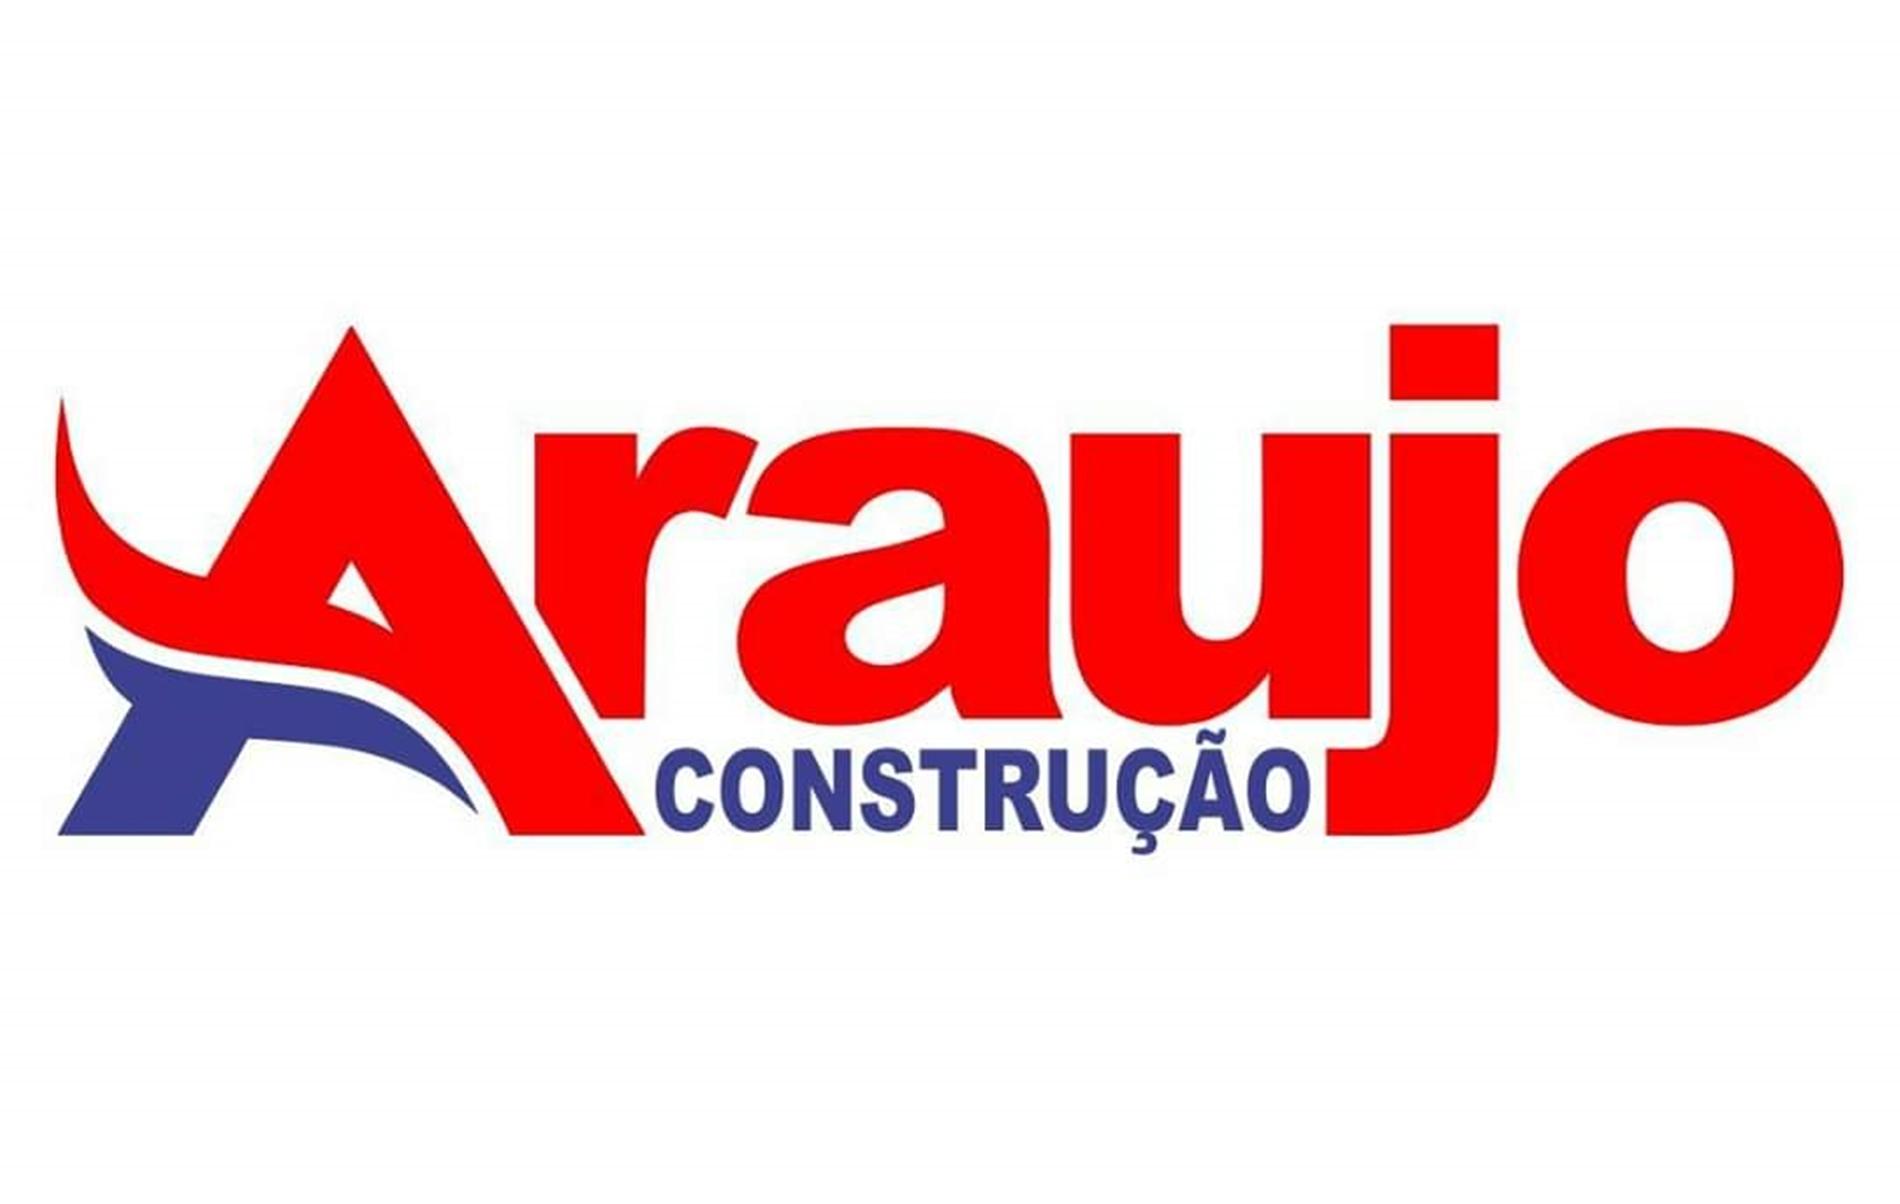 Araújo Construção